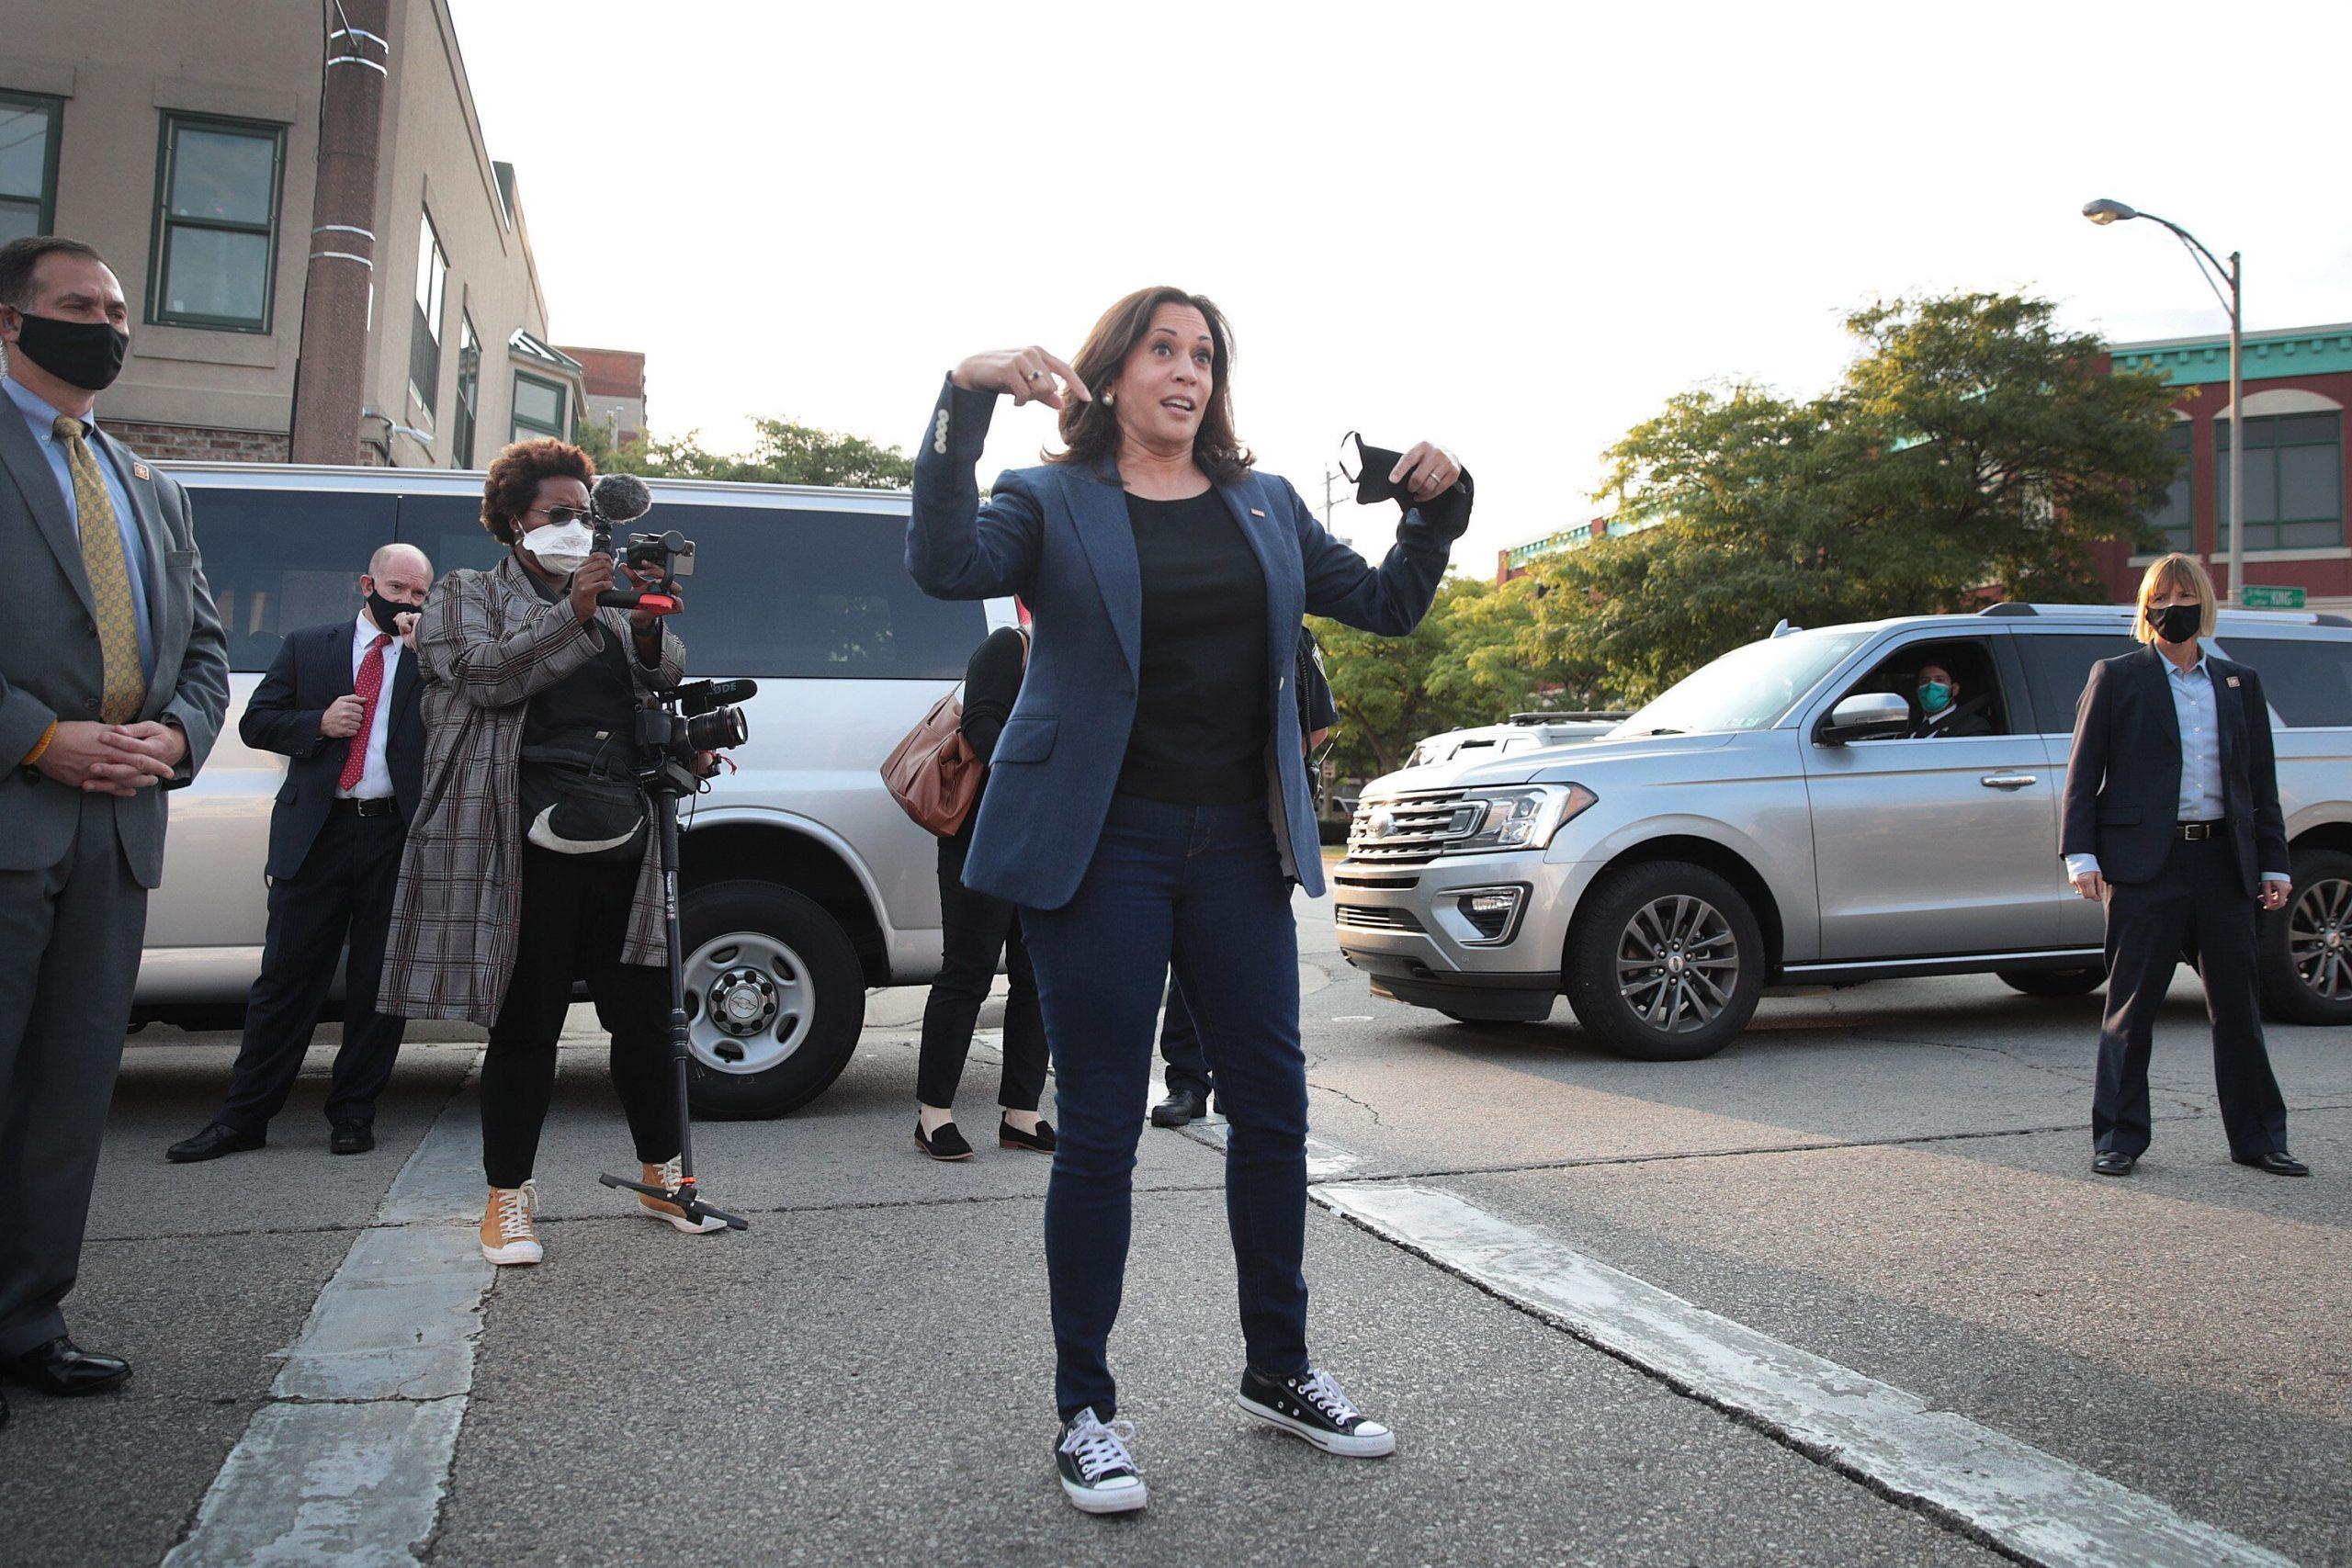 """Nữ phó Tổng thống Mỹ đầu tiên trong lịch sử: Từng bộ suit đều có """"ý nghĩa"""" riêng, U60 vẫn đi sneakers nhưng sâu xa  - Ảnh 5."""